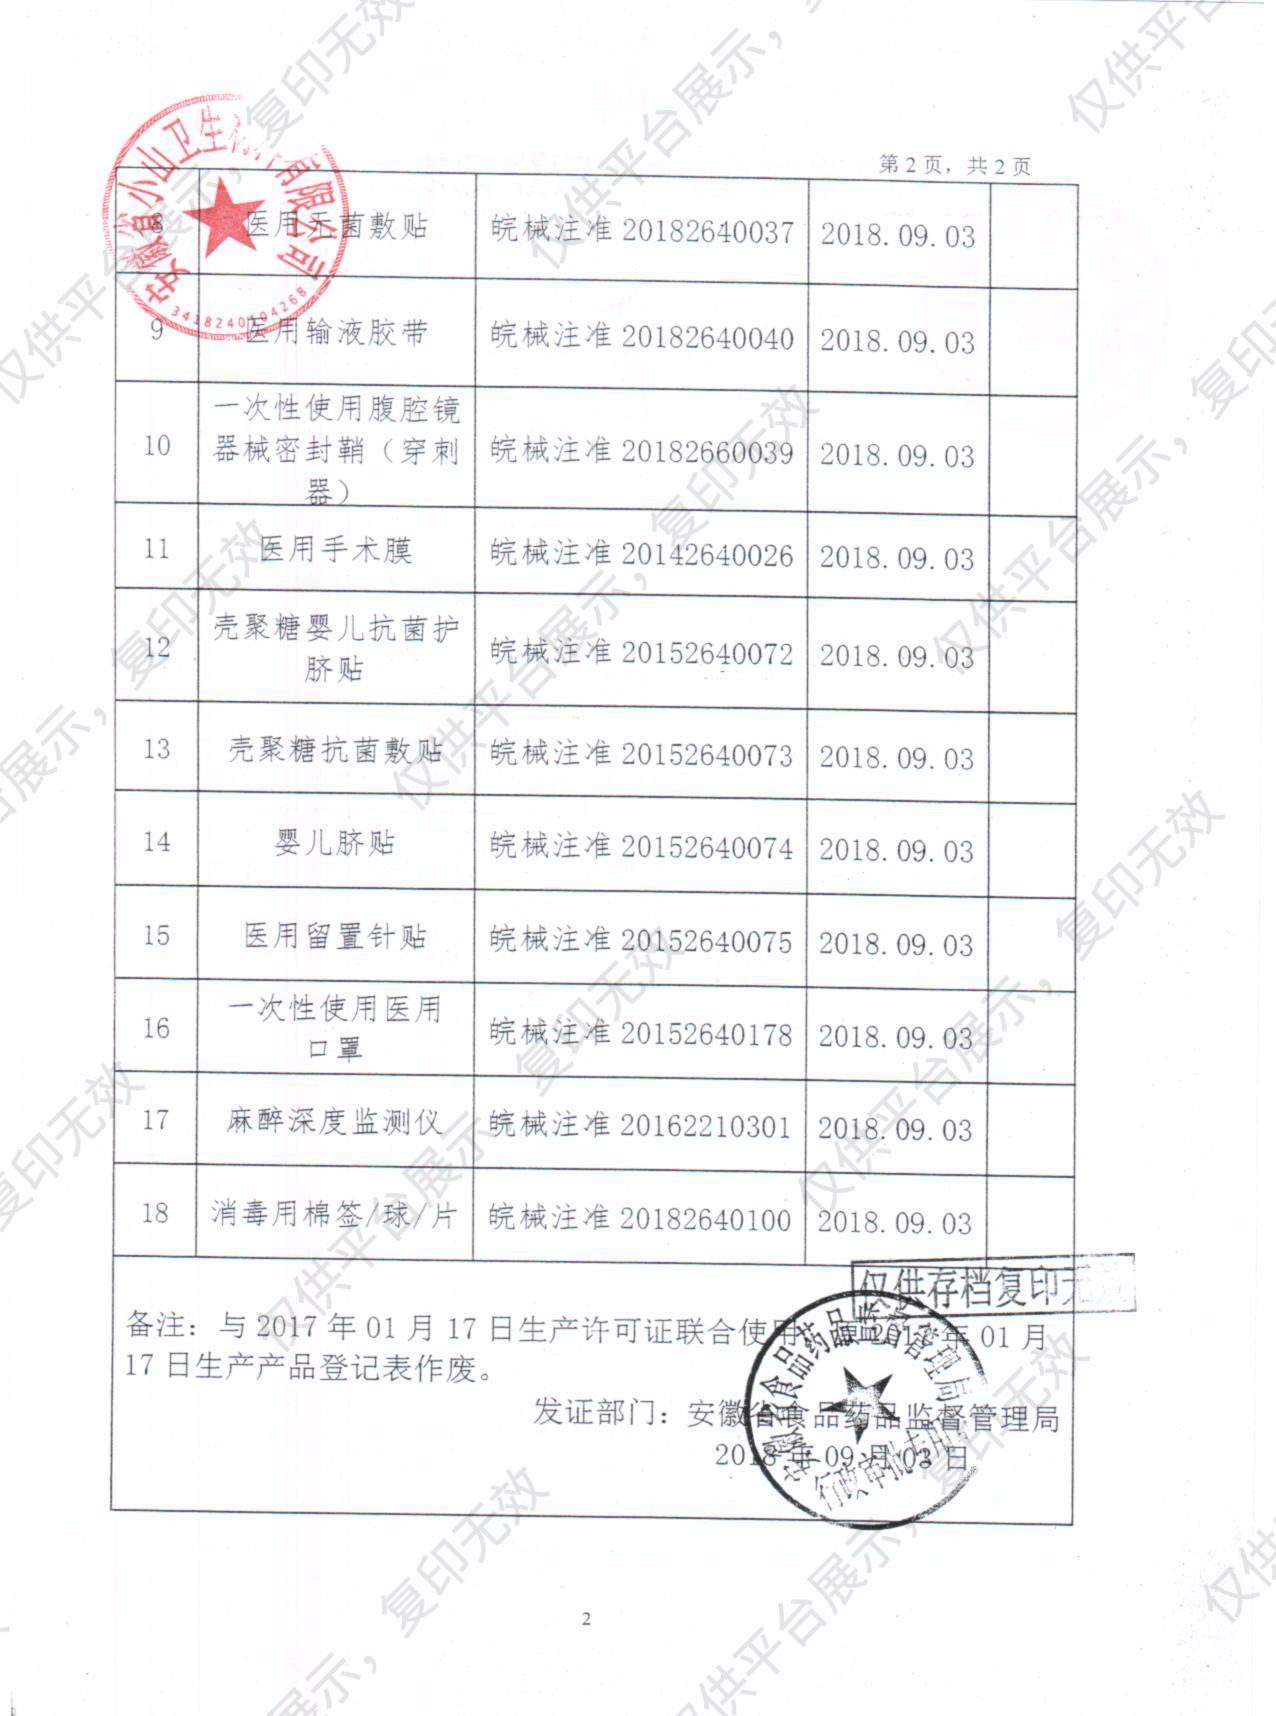 安徽小山 医用无菌敷贴10x20 普通型 (600片/箱)注册证